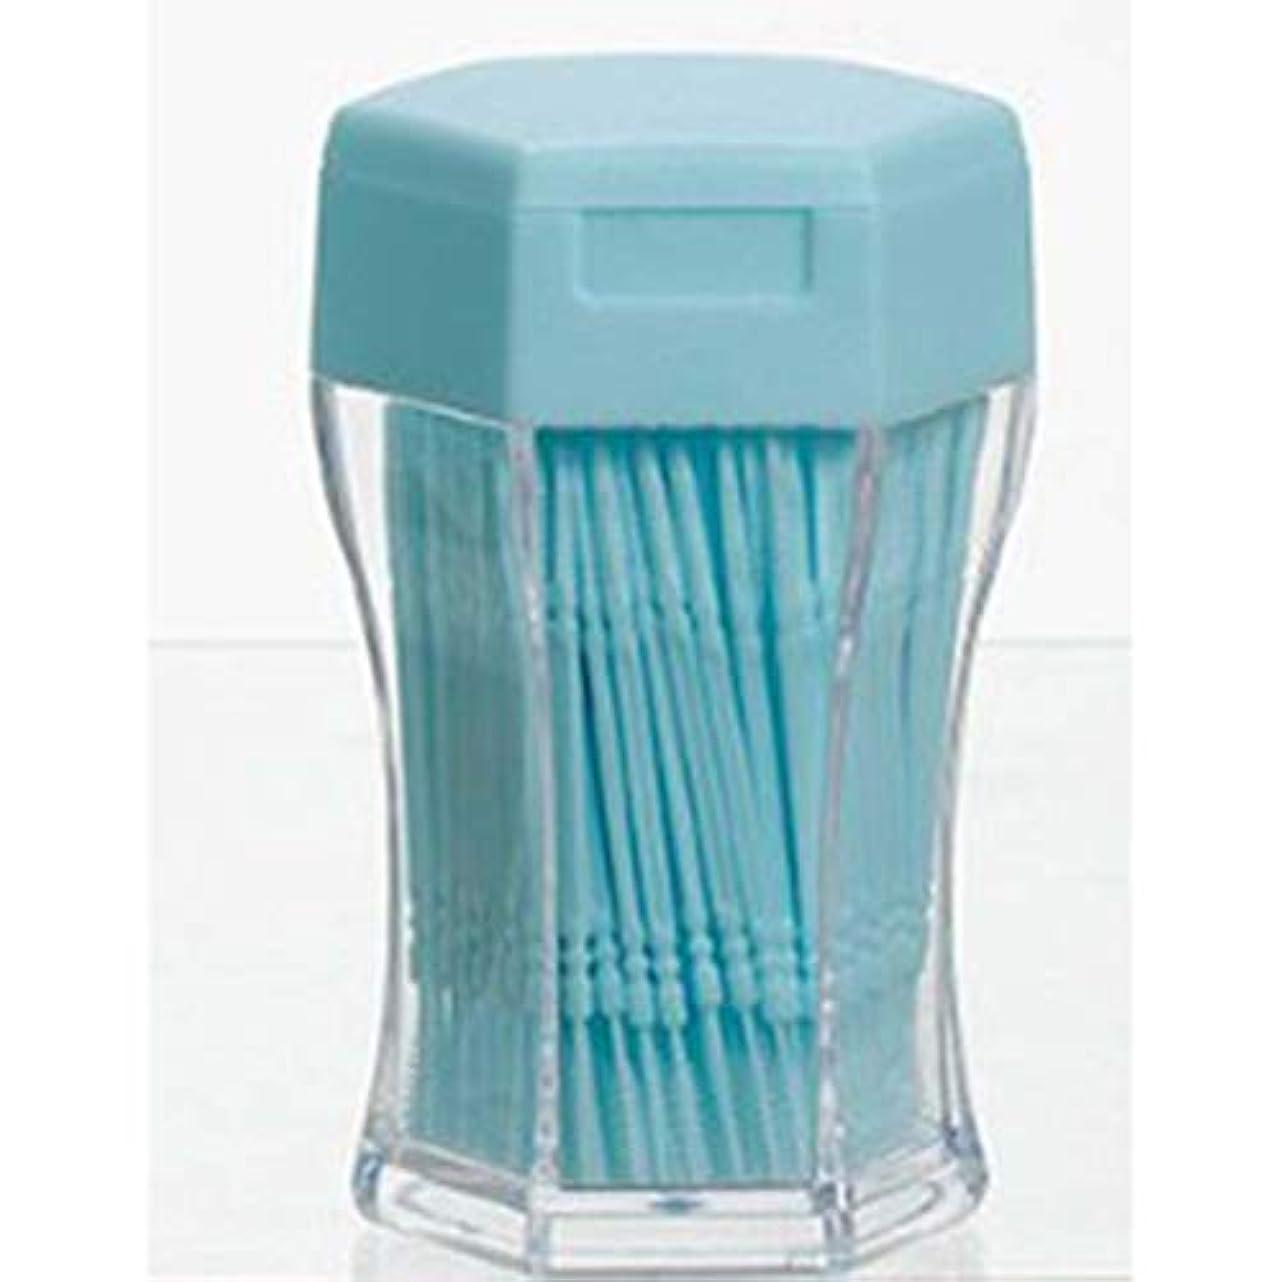 可塑性休眠ライター200ピース/セットダブルヘッド歯フロス衛生デンタルフロスプラスチック歯間つまようじ健康用歯のクリーニングオーラルケア (PandaWelly)